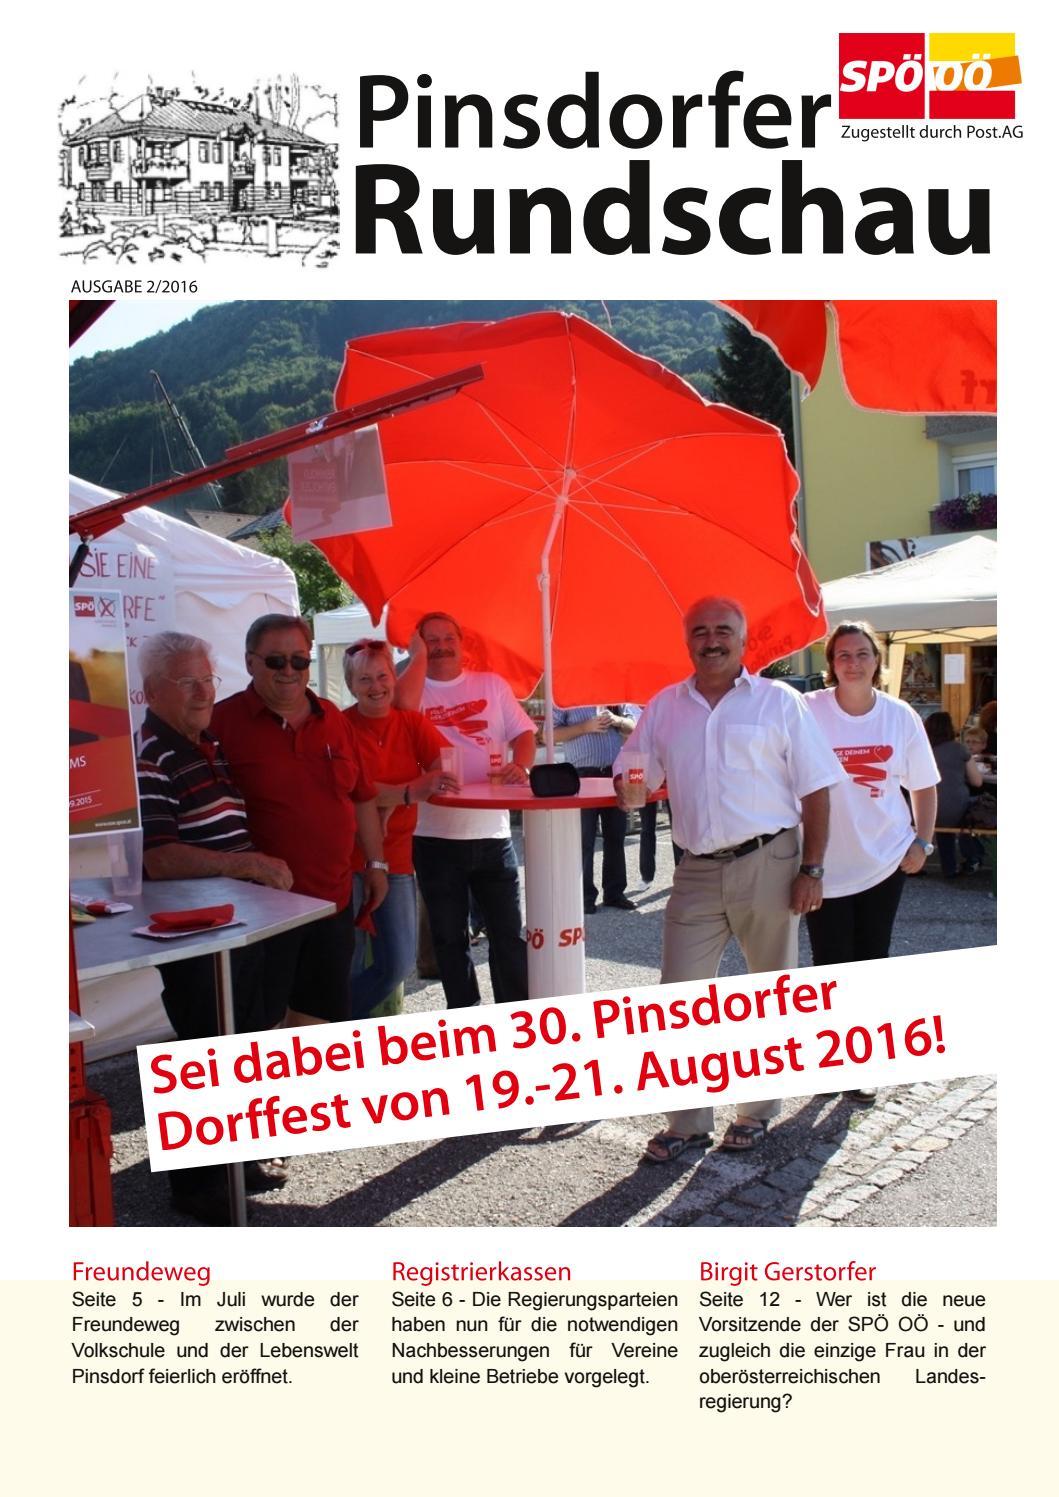 Sex in Pinsdorf - Erotik & Sexkontakte bei Lndleanzeiger